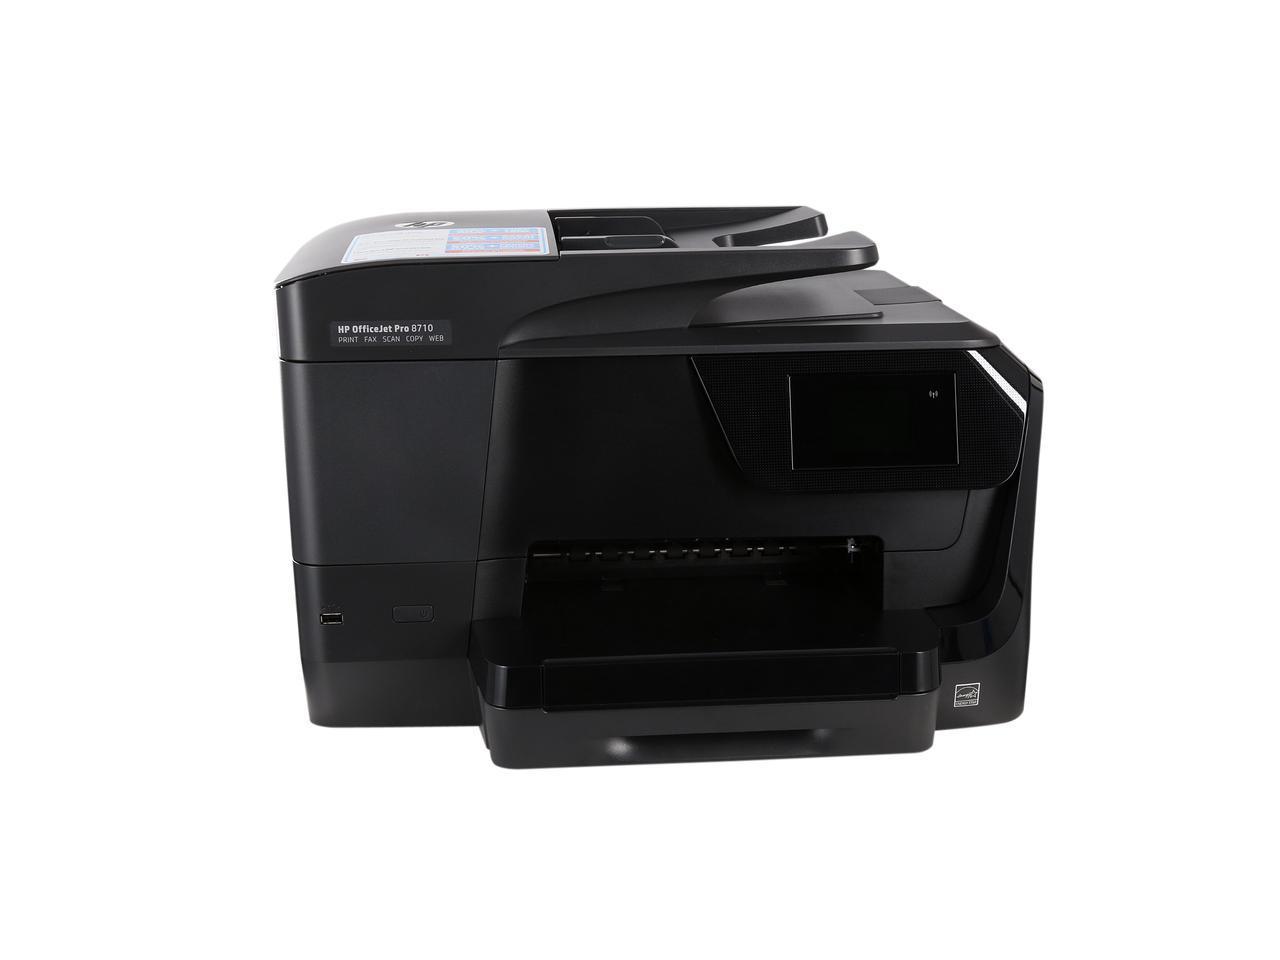 Hp Officejet Pro 8710 All In One Printer Help Tech Co Ltd